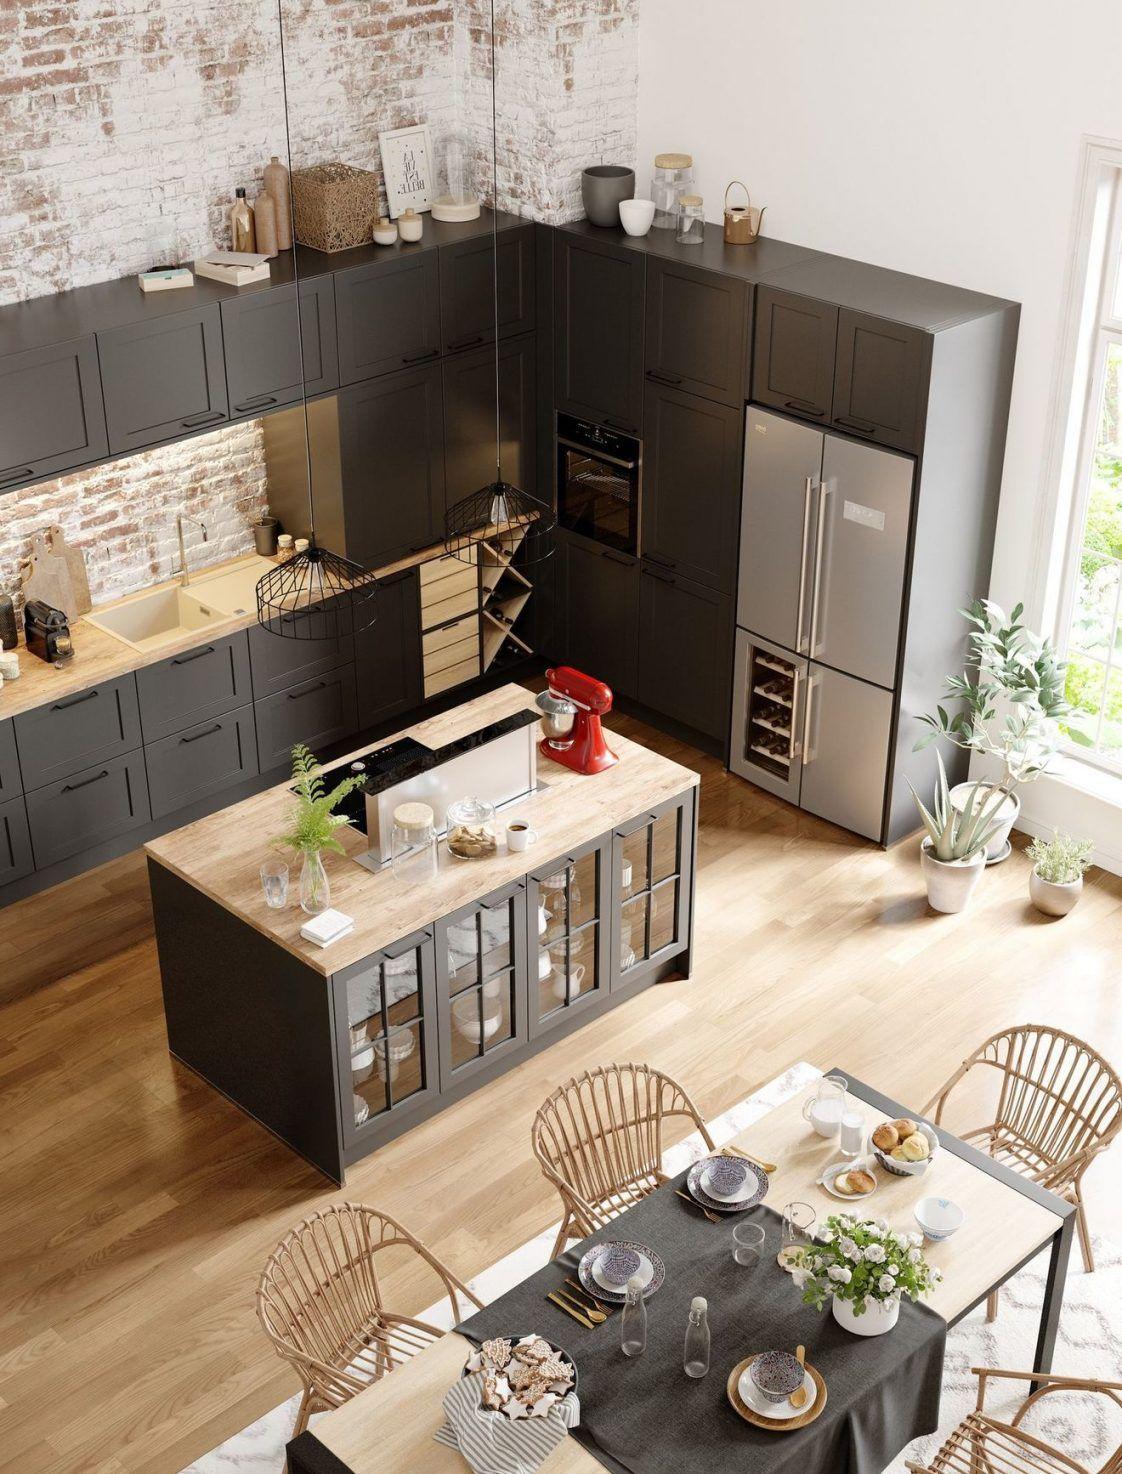 Cuisine ouverte sur salon ou salle à manger  exemples à copieur ...